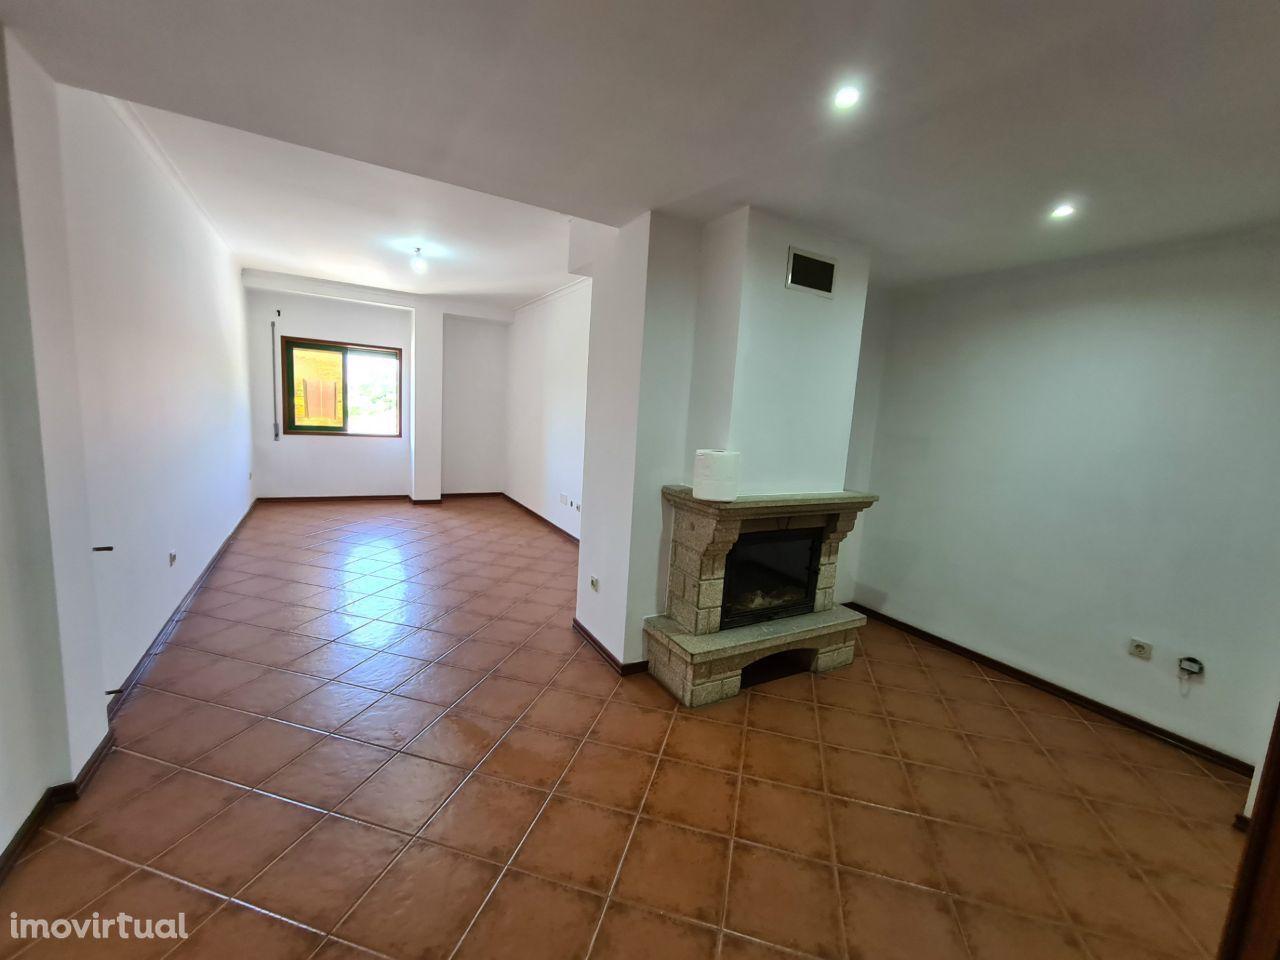 Apartamento 3 Quartos + Garagem + 2 wc + Arrecadação + Oportunidade